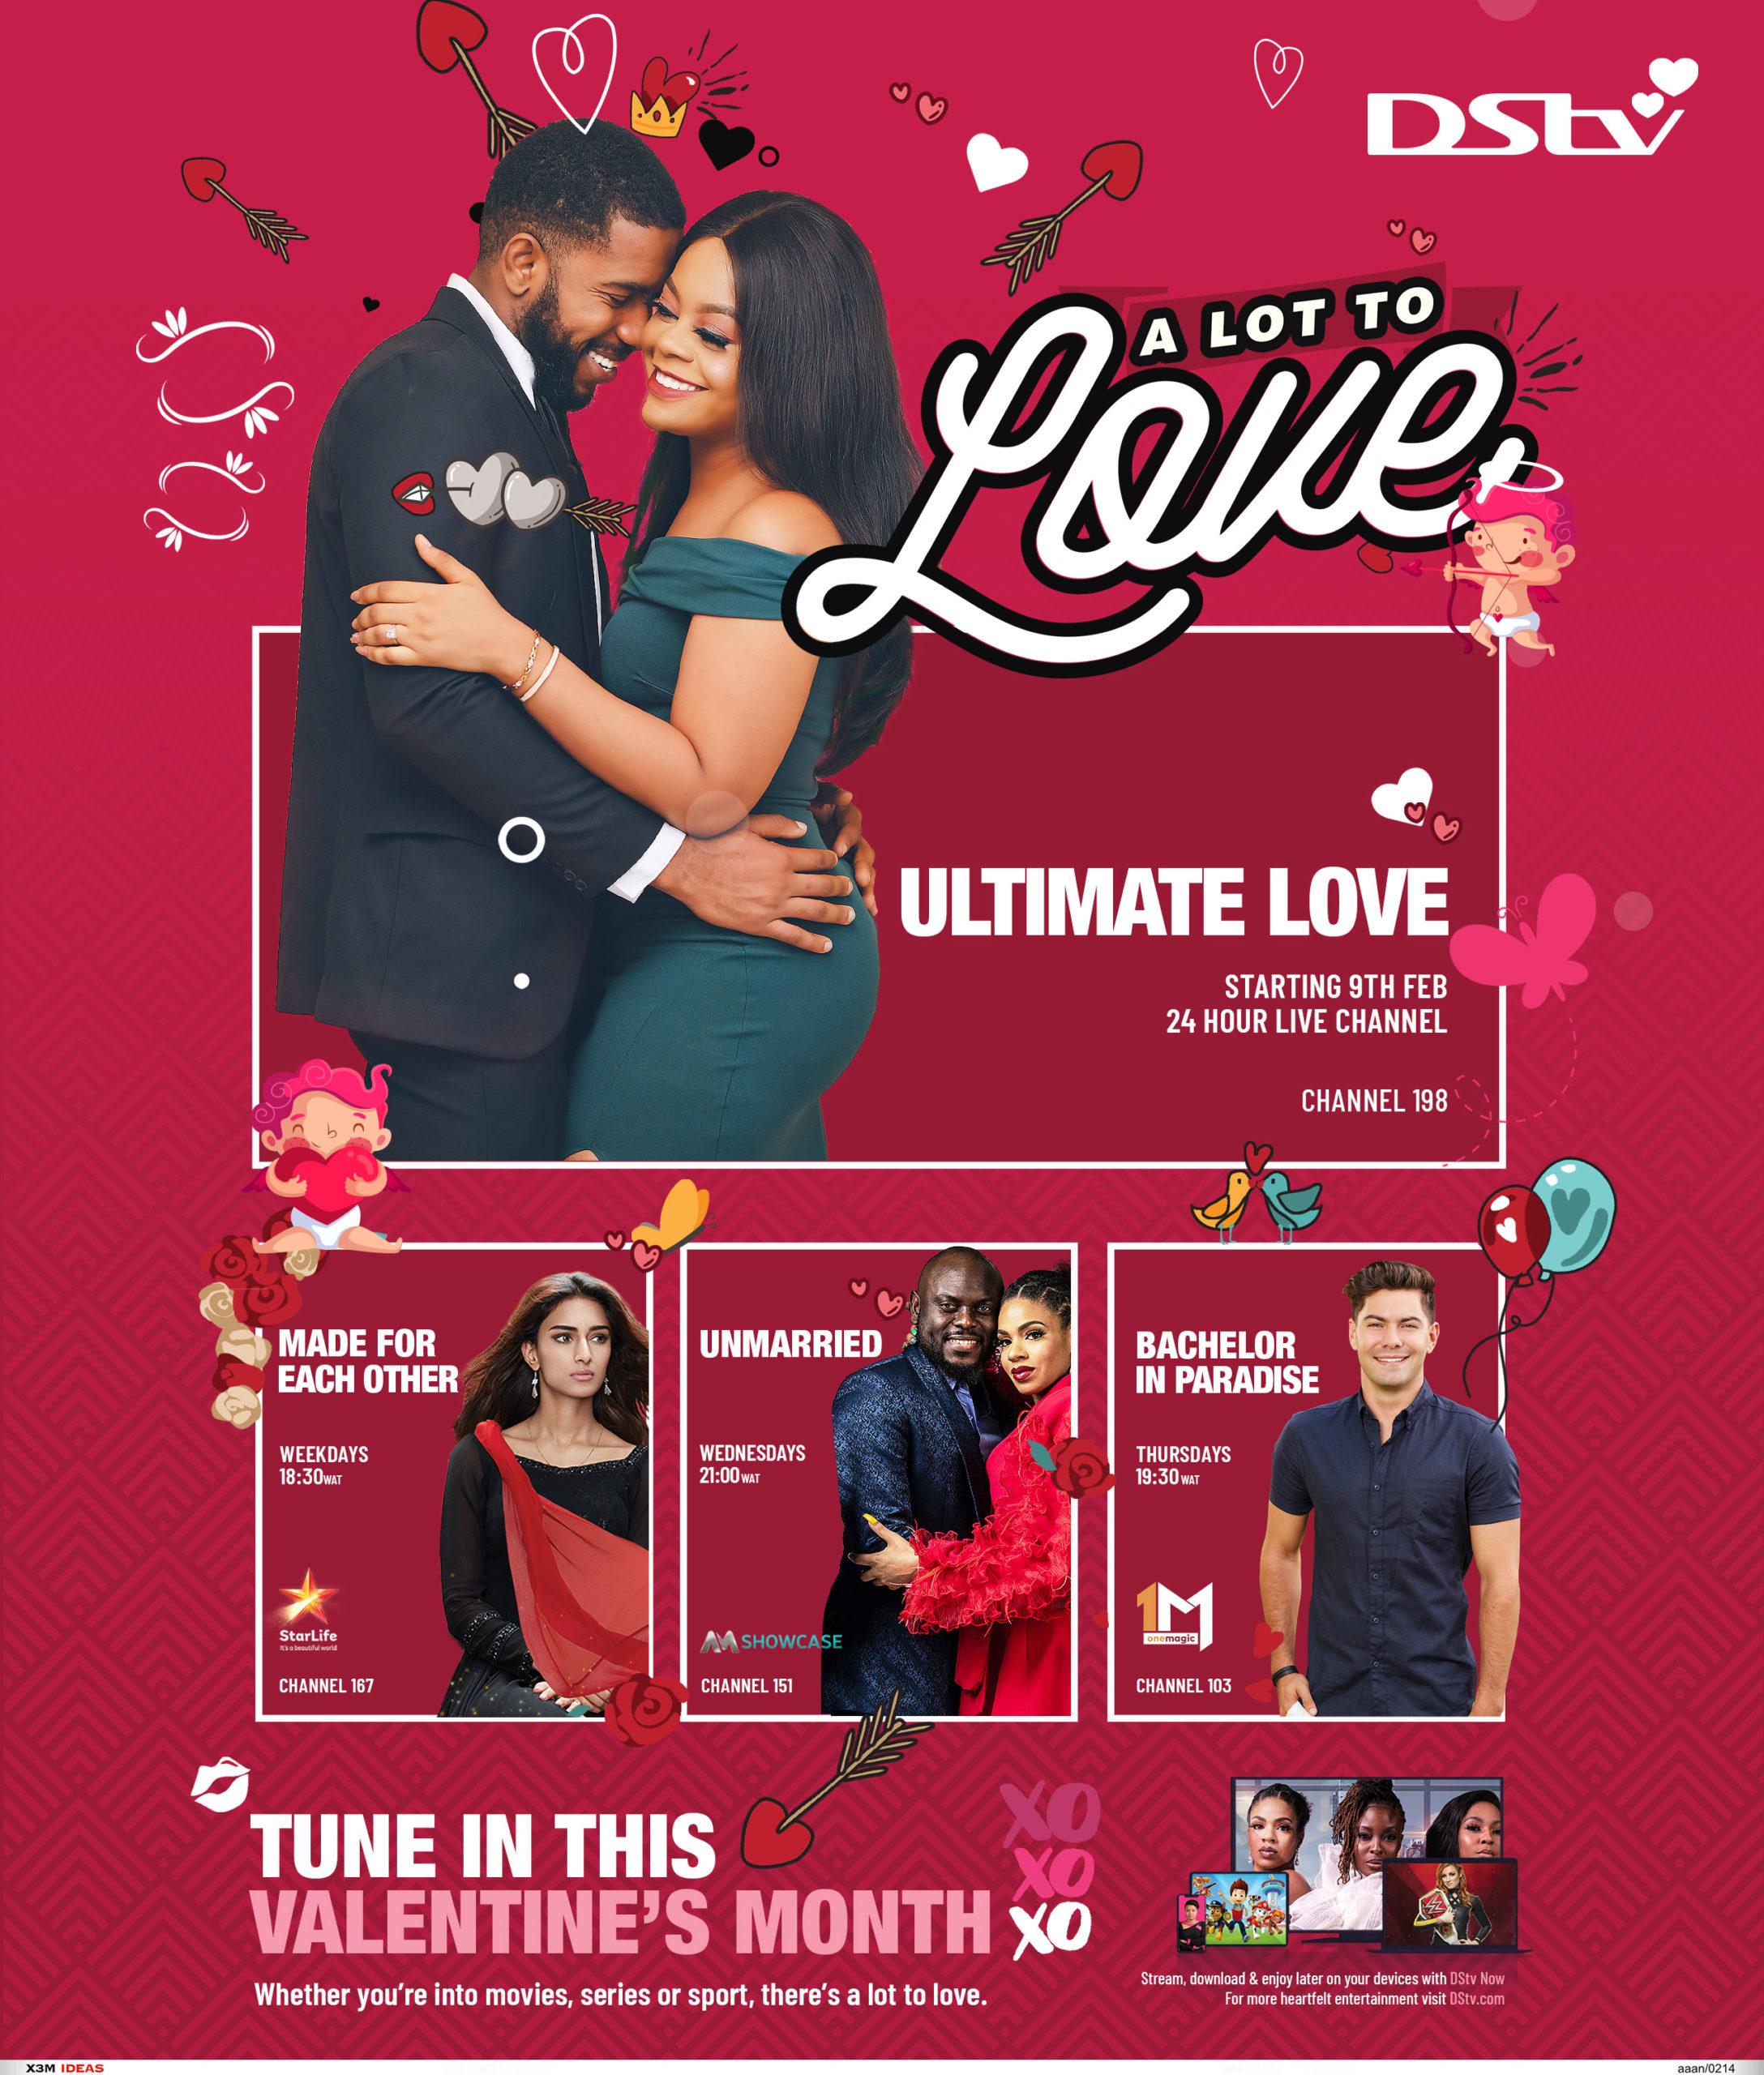 DStv Month of Love programs